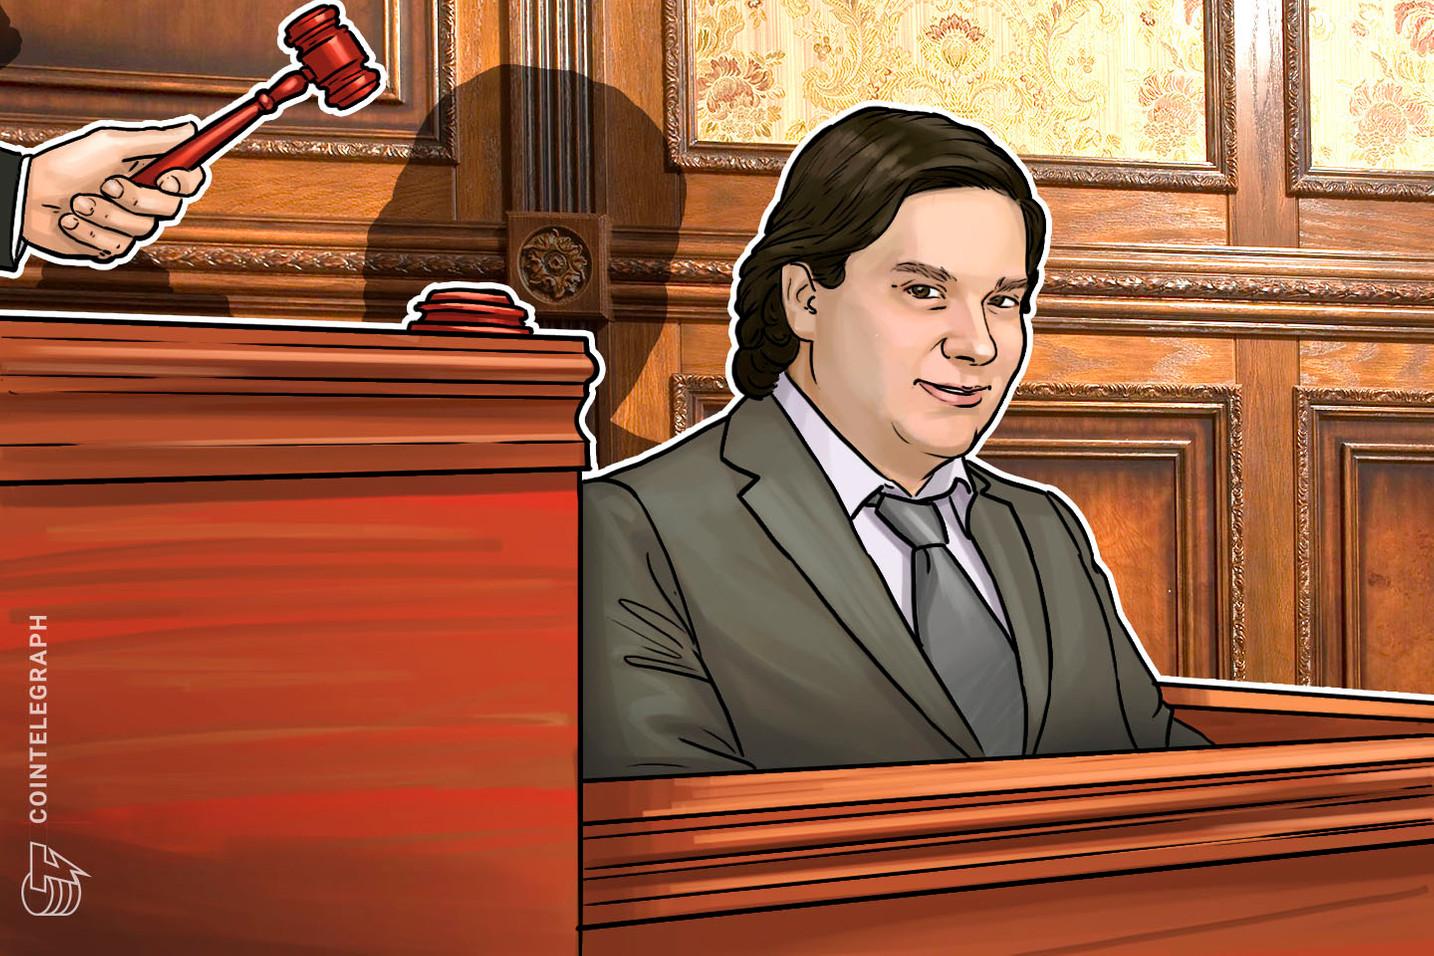 仮想通貨取引所マウントゴックスのカルプレス元CEO 日本の判決後も米国で集団訴訟に直面